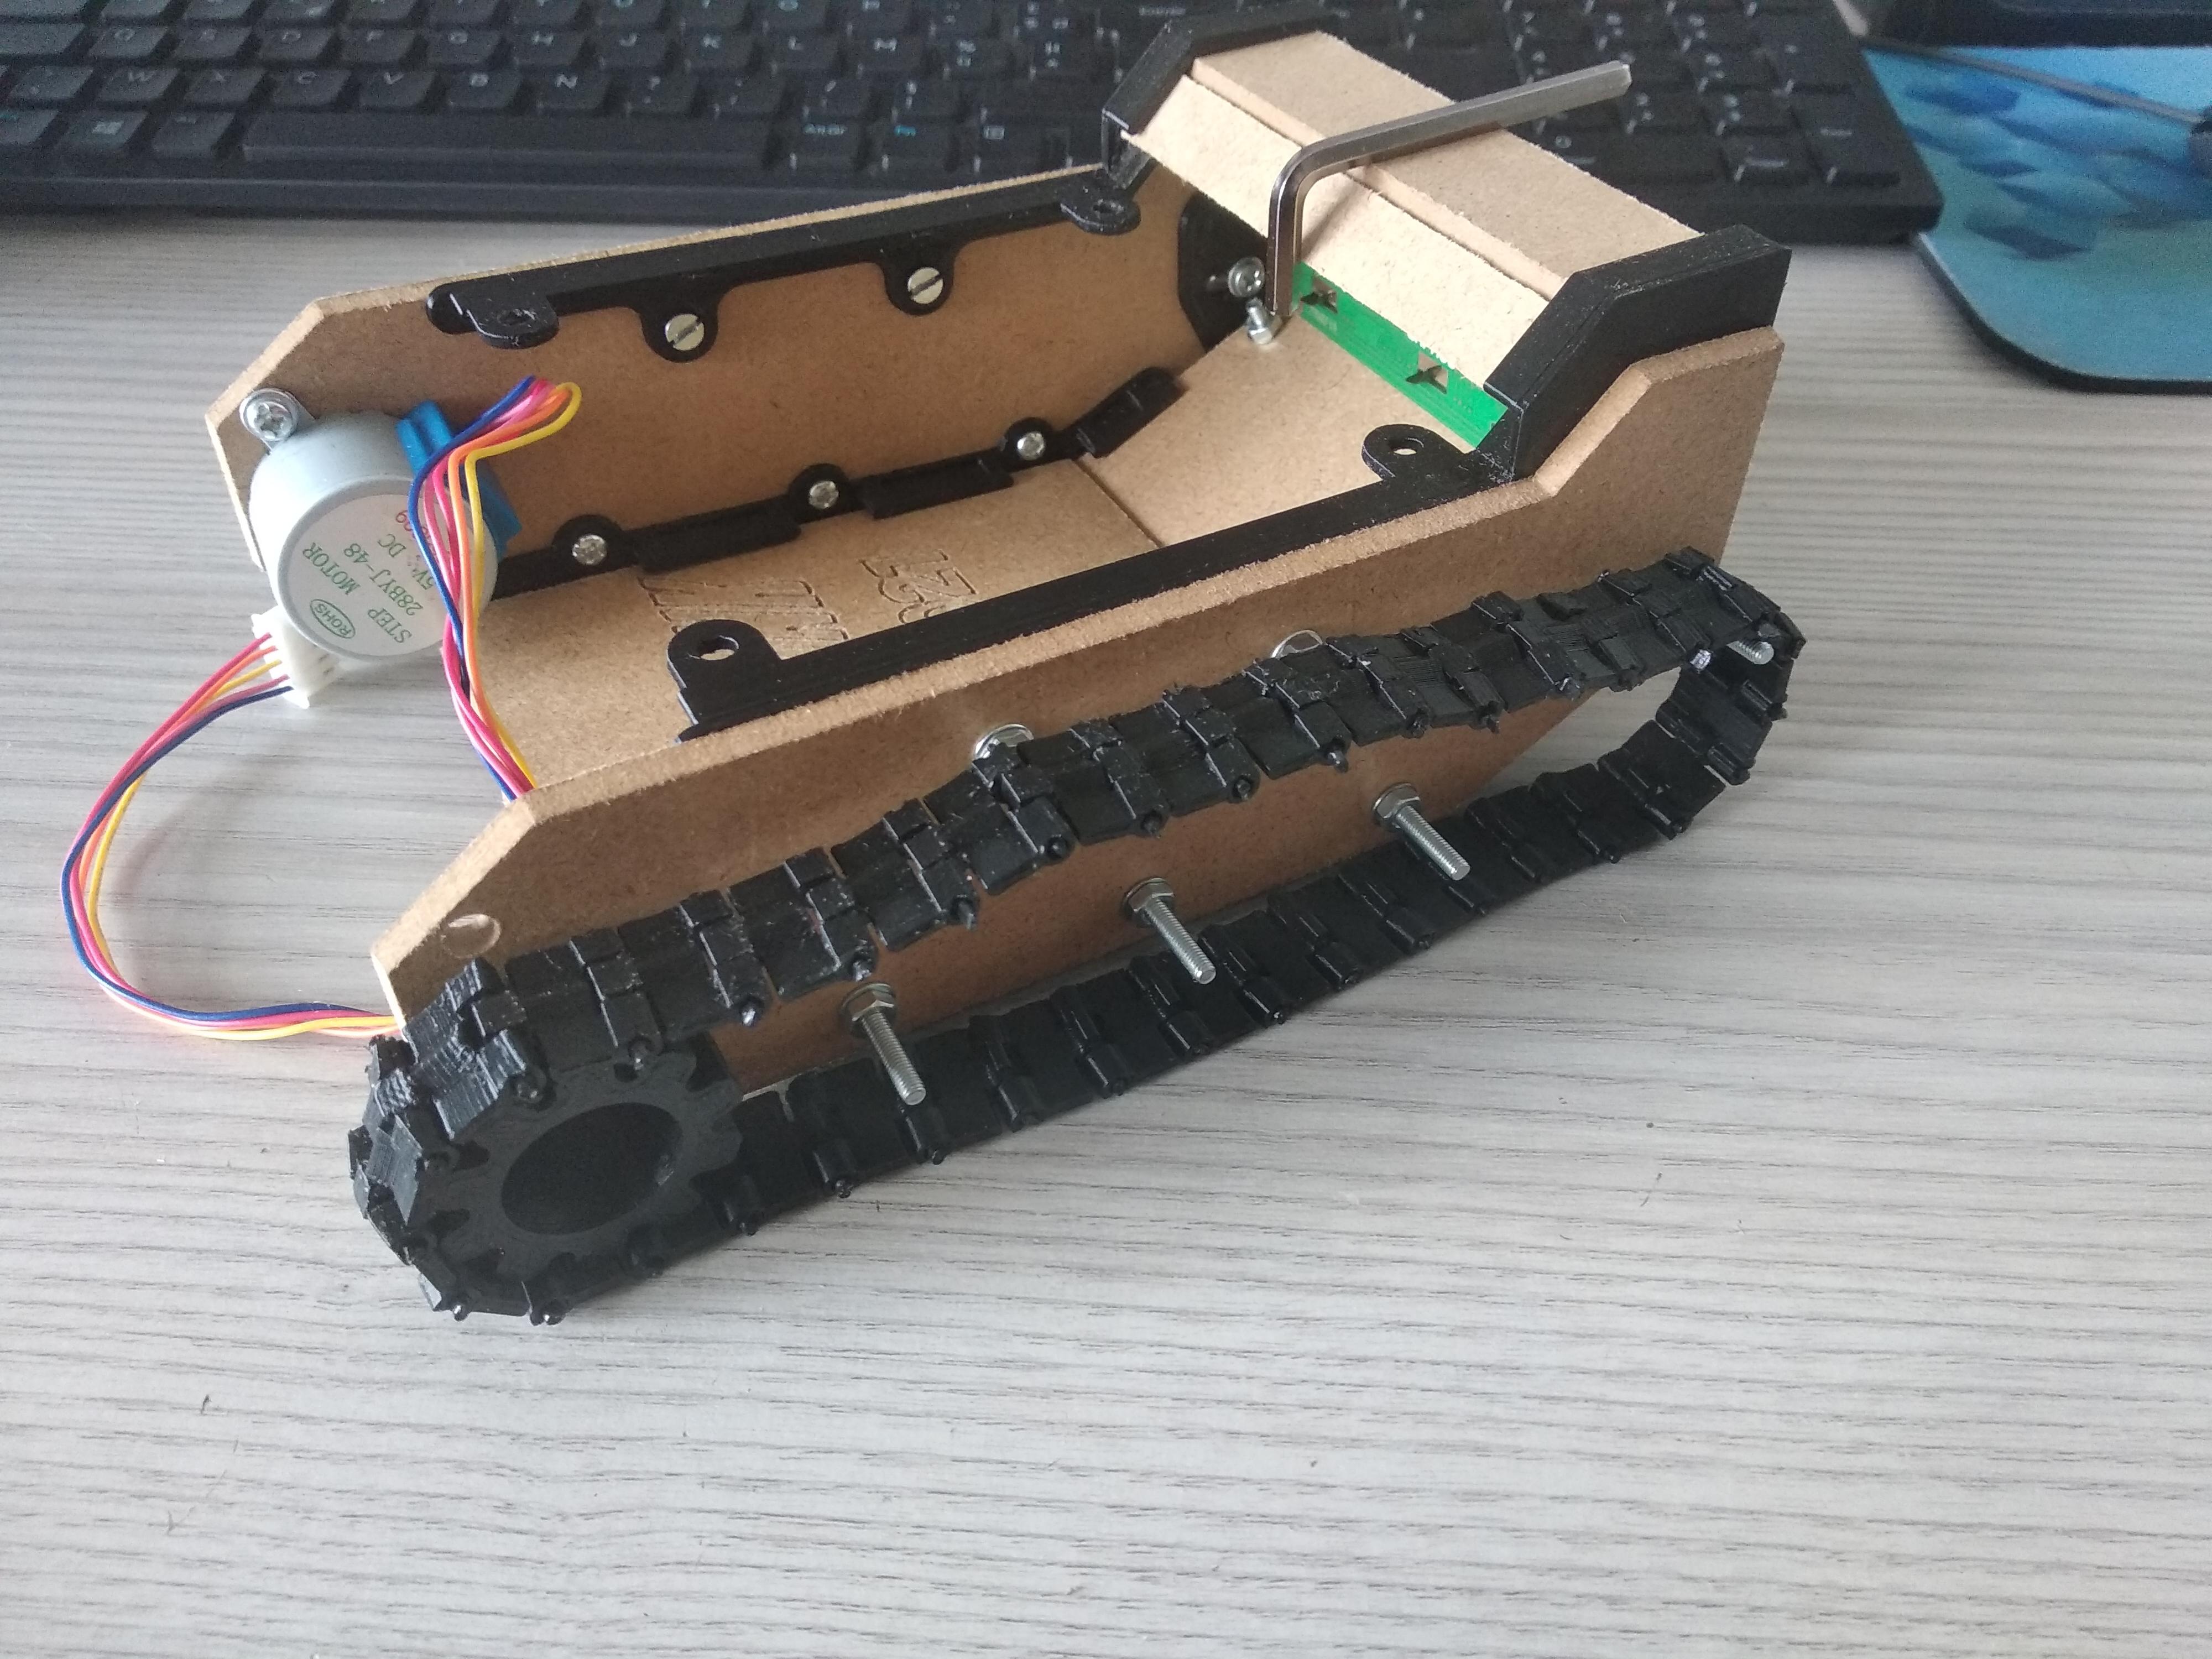 2 petites planches ferme fin du tank, tank de côté/devant